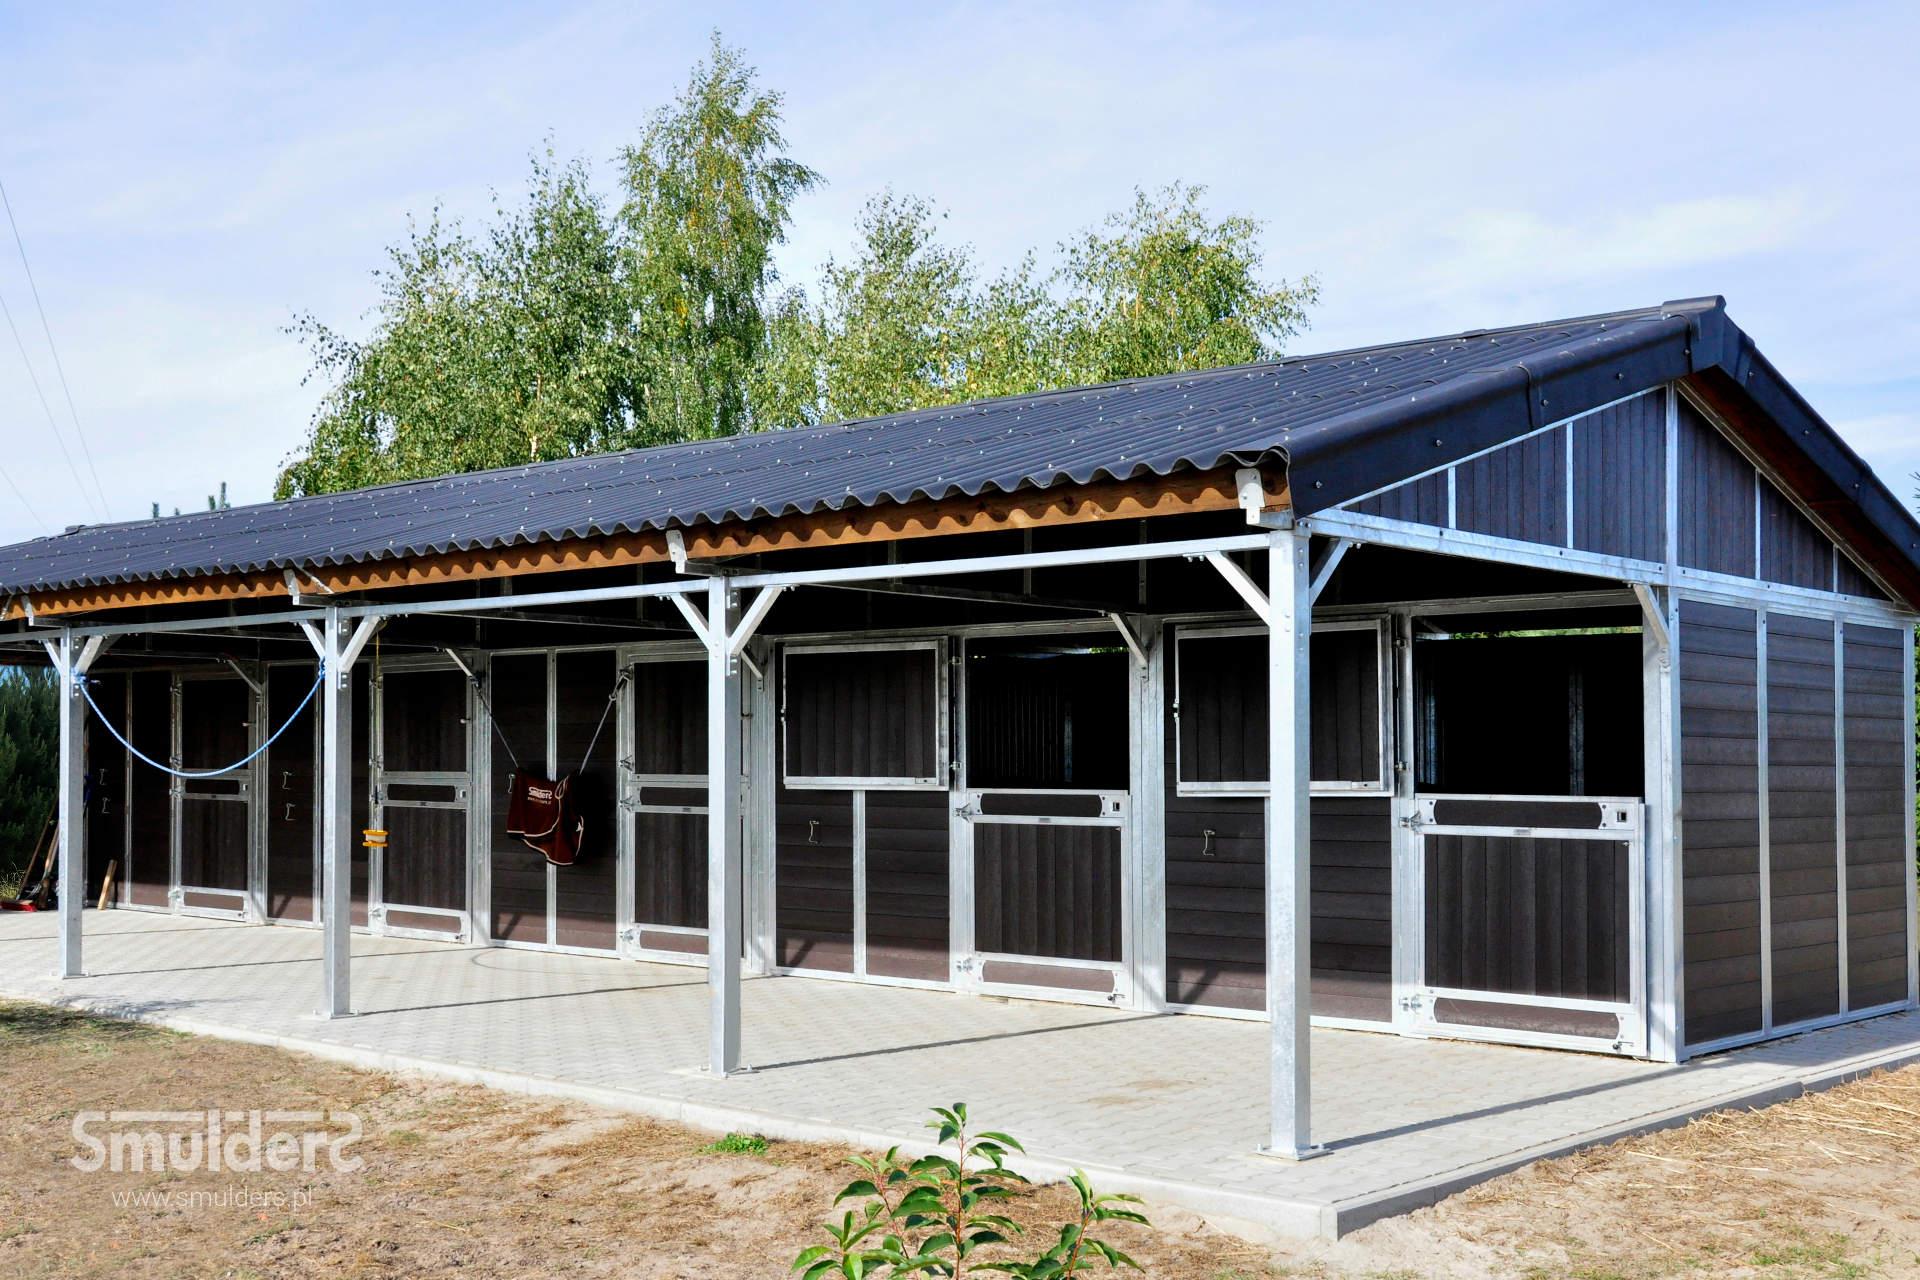 https://www.smulders.pl/wp-content/uploads/2019/07/f001_outdoor-stables_KCN_SMULDERS_PL.jpg